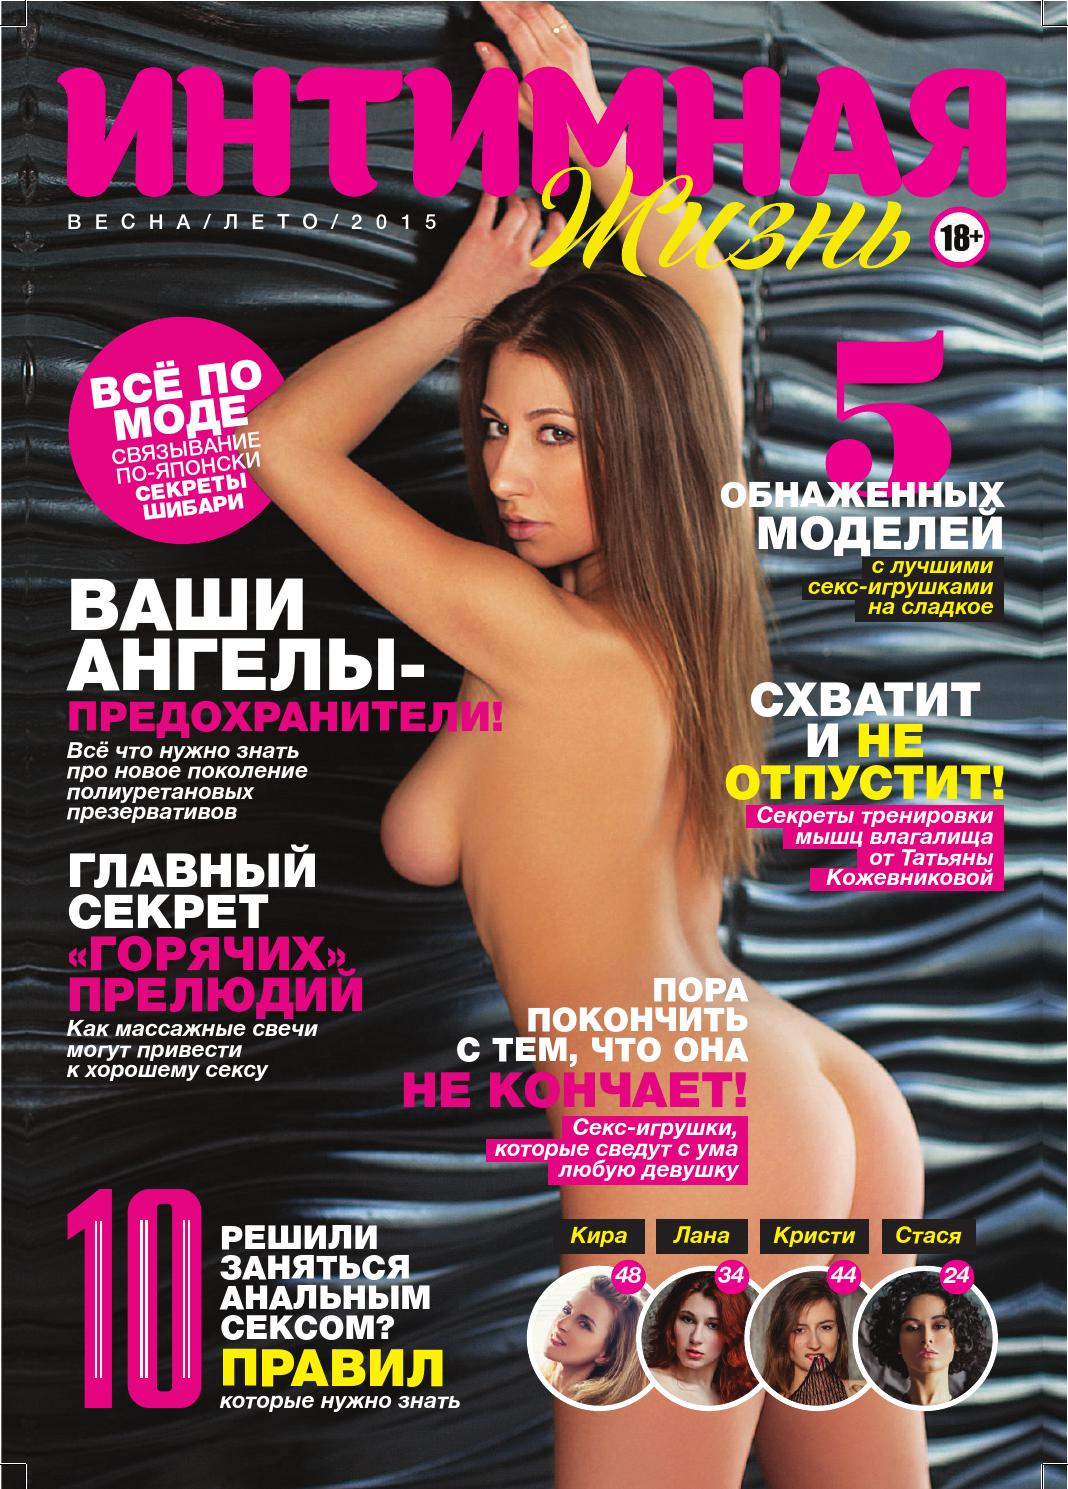 Эротические журнал в россии 3 фотография